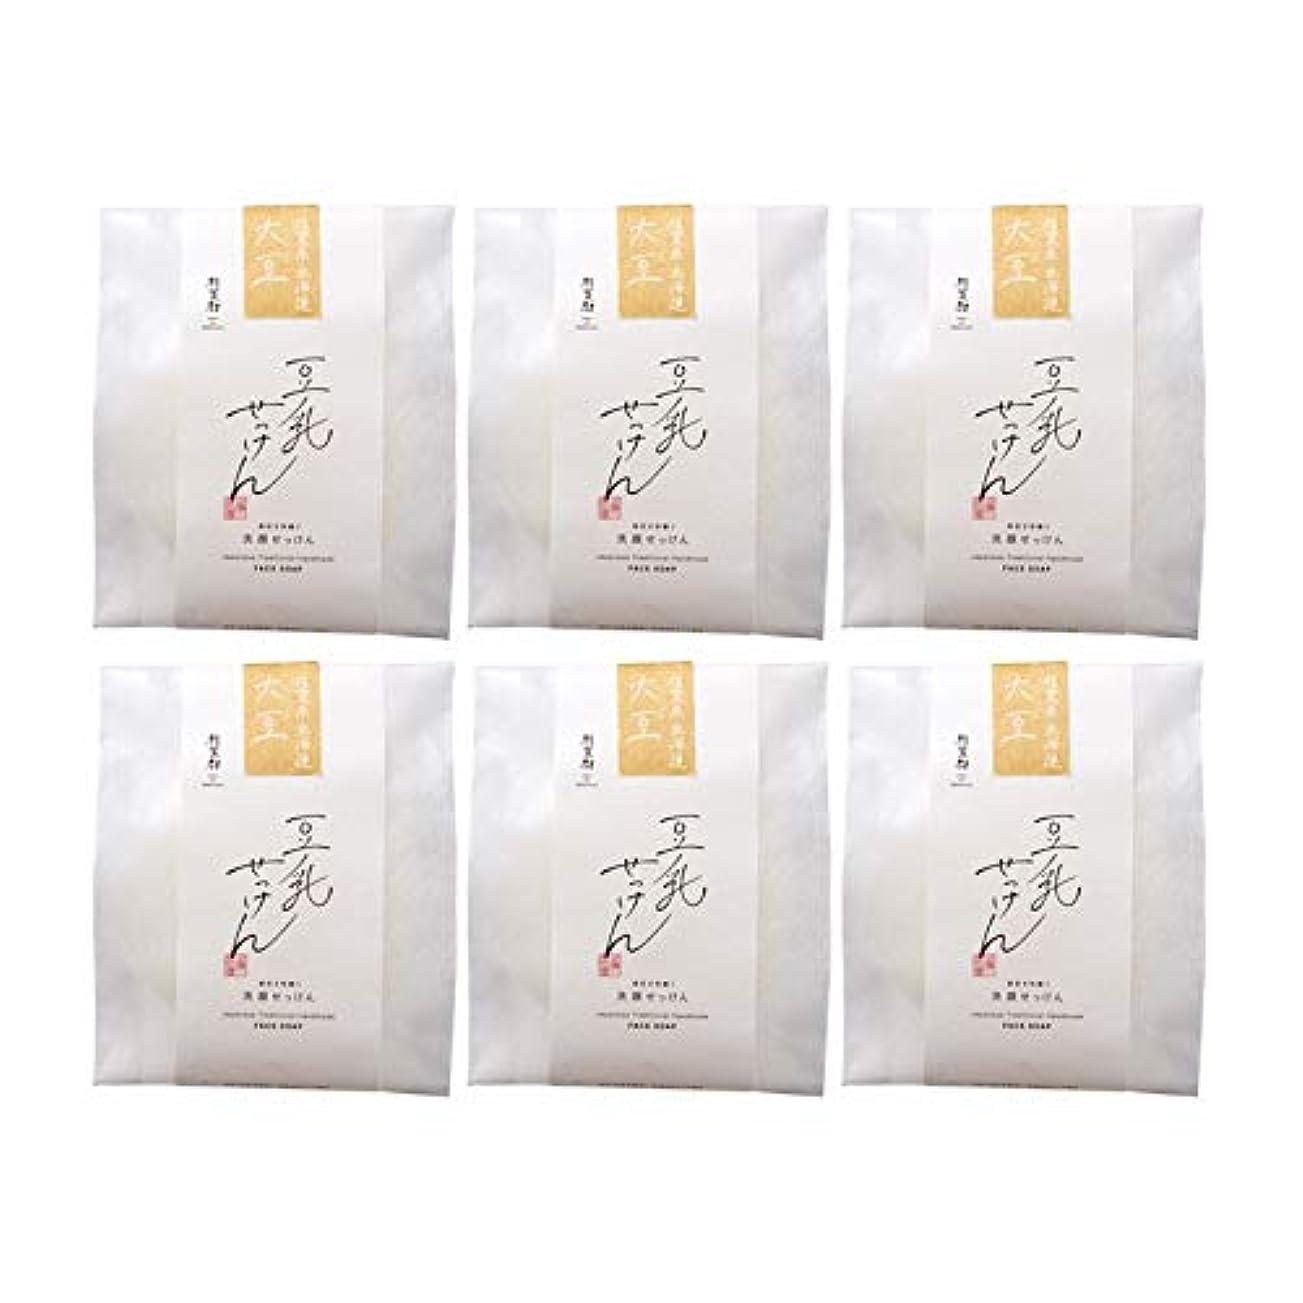 驚くべき傀儡無関心豆腐の盛田屋 豆乳せっけん 自然生活 100g×6個セット